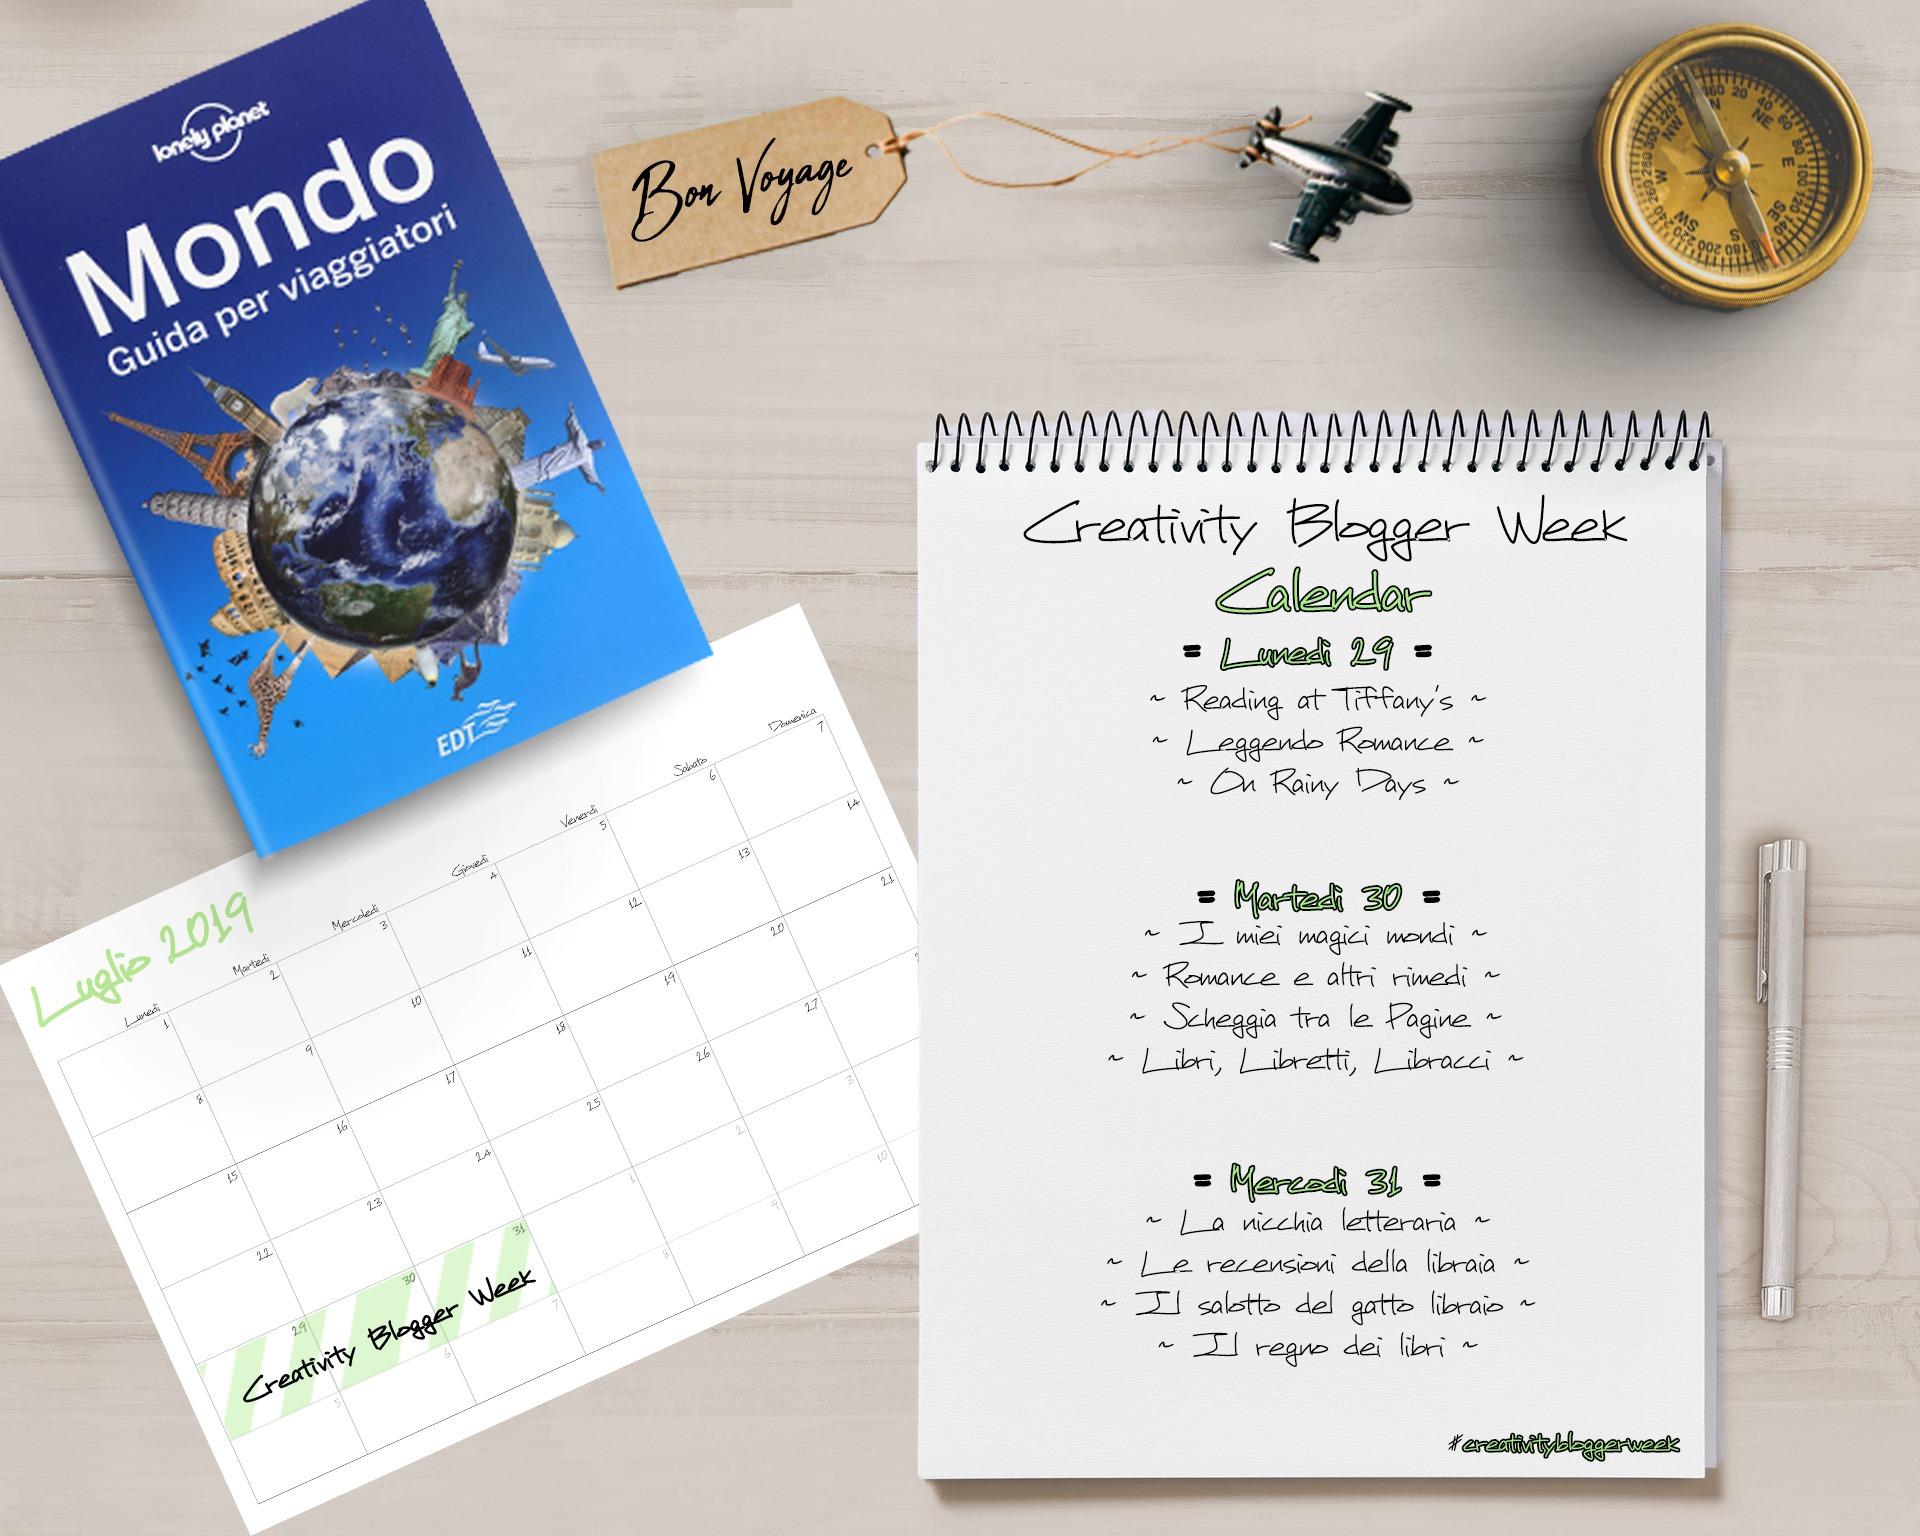 Calendario, blogger, blog partecipanti, creativity blogger week, viaggi nel mondo, viaggi in poltrona, libri, Harry Potter, il signore degli anelli, orgoglio e pregiudizio, il conte di Montecristo, cime tempestose, sulla strada, Austen, Dumas, Rowling, Tolkien, bronte, shadowhunters, Clare, Twilight, Meyer, rebel, Hamilton, figlie di una nuova era, Korn